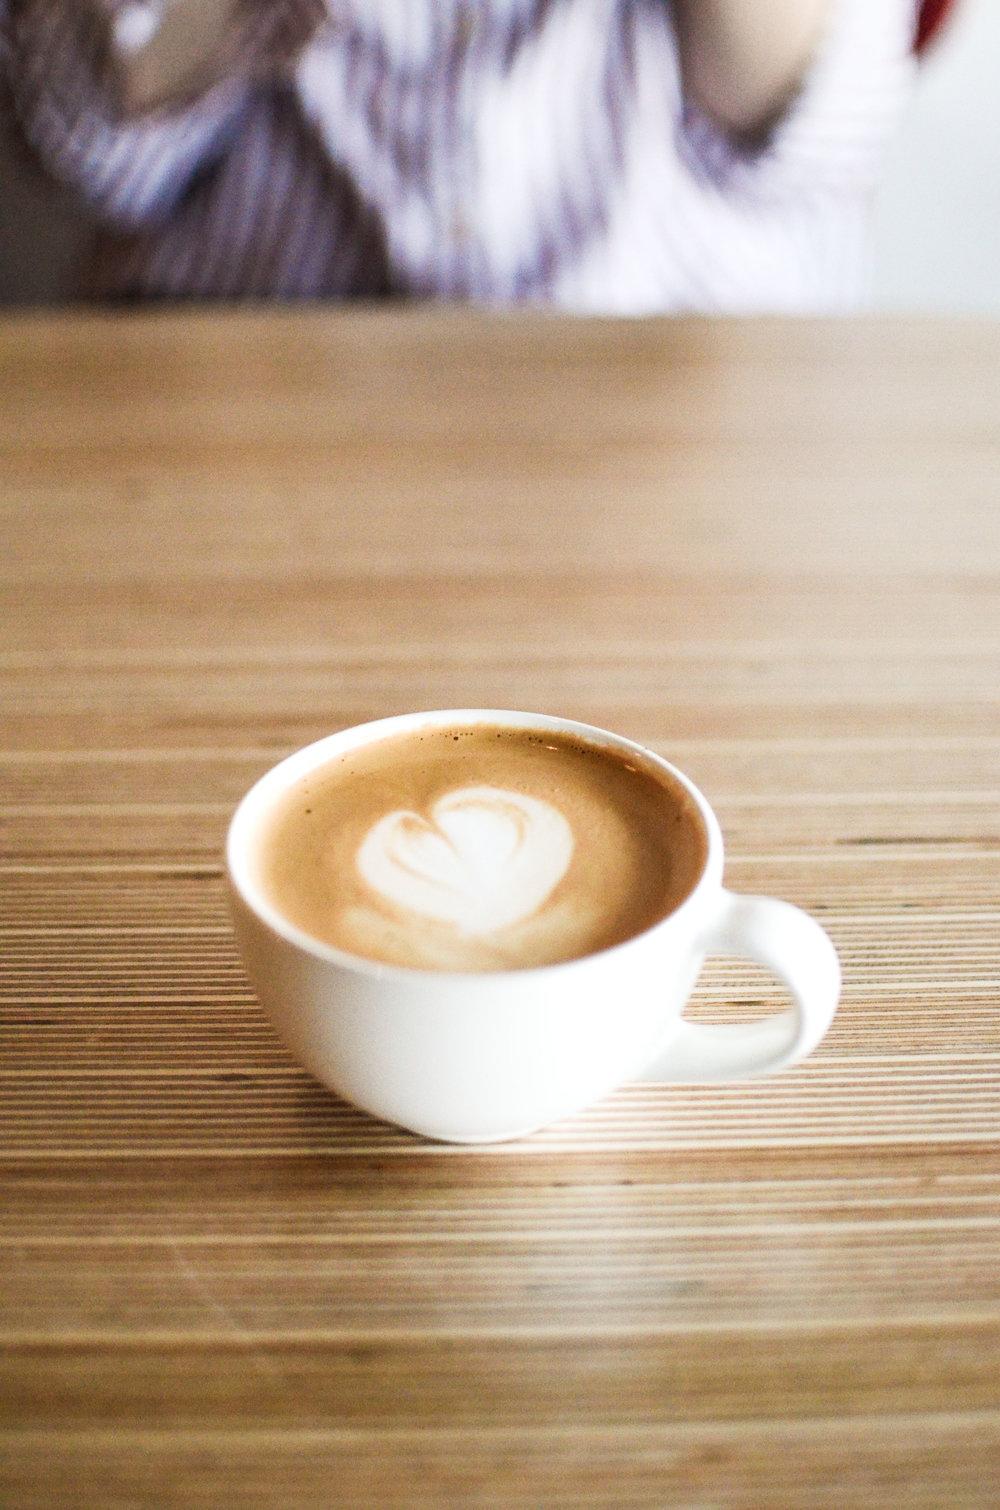 Wendling_Boyd_Drip_Coffee_Holland_Michigan_Coffee_Culture-4.jpg